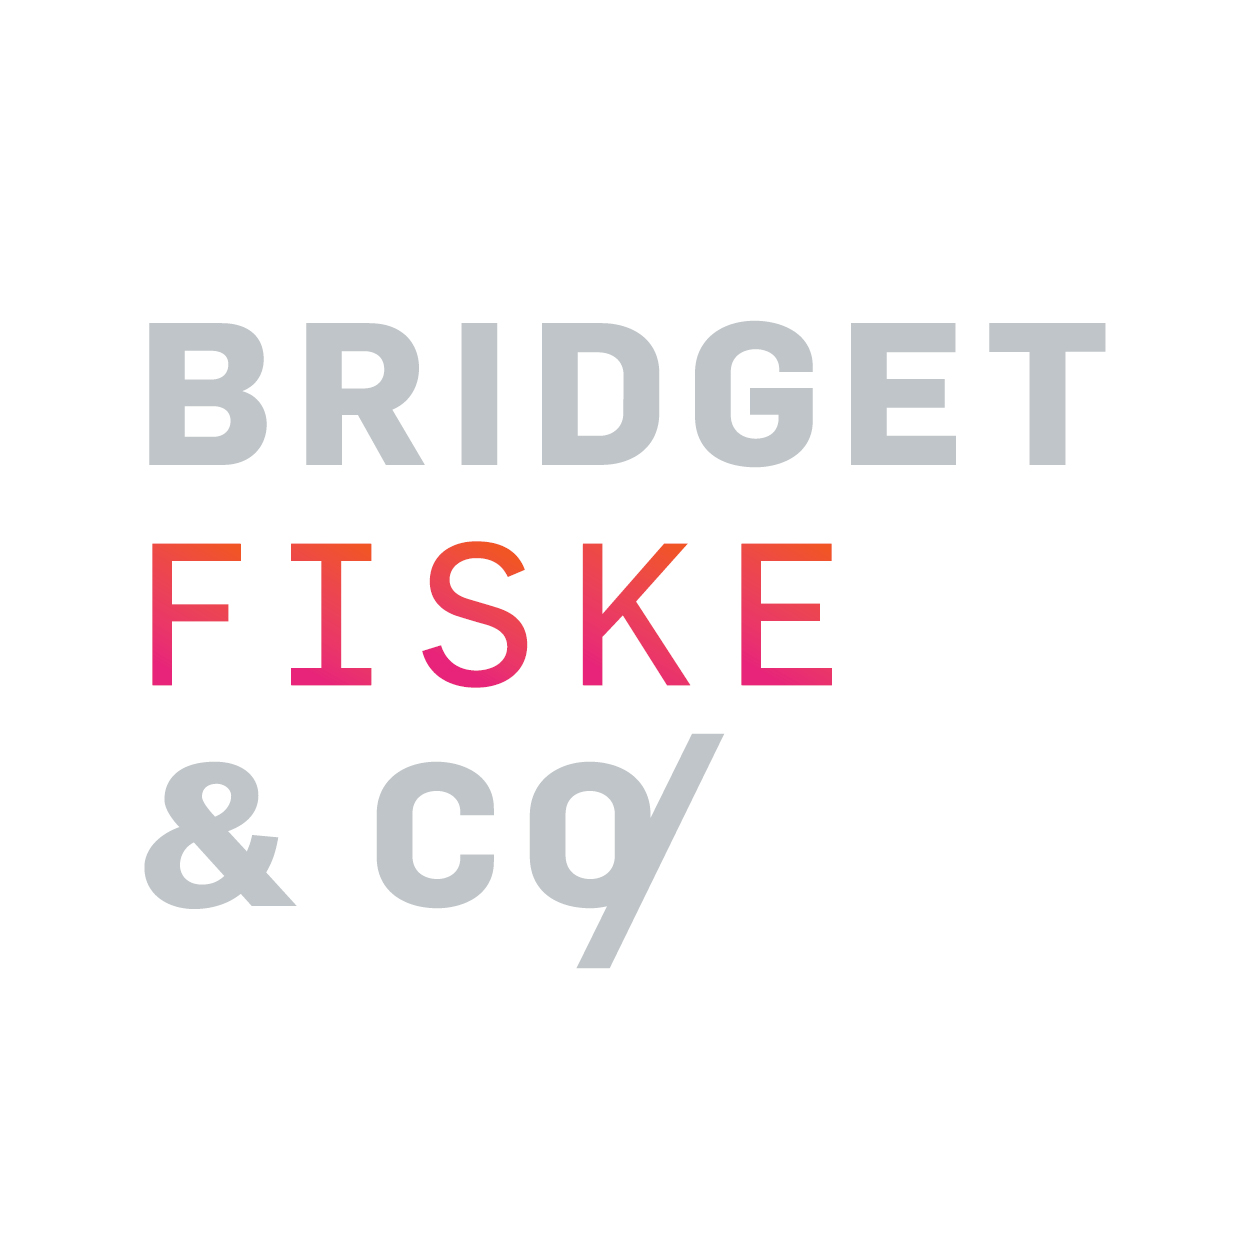 BFISKE_BRAND_Square-Left_100917-White